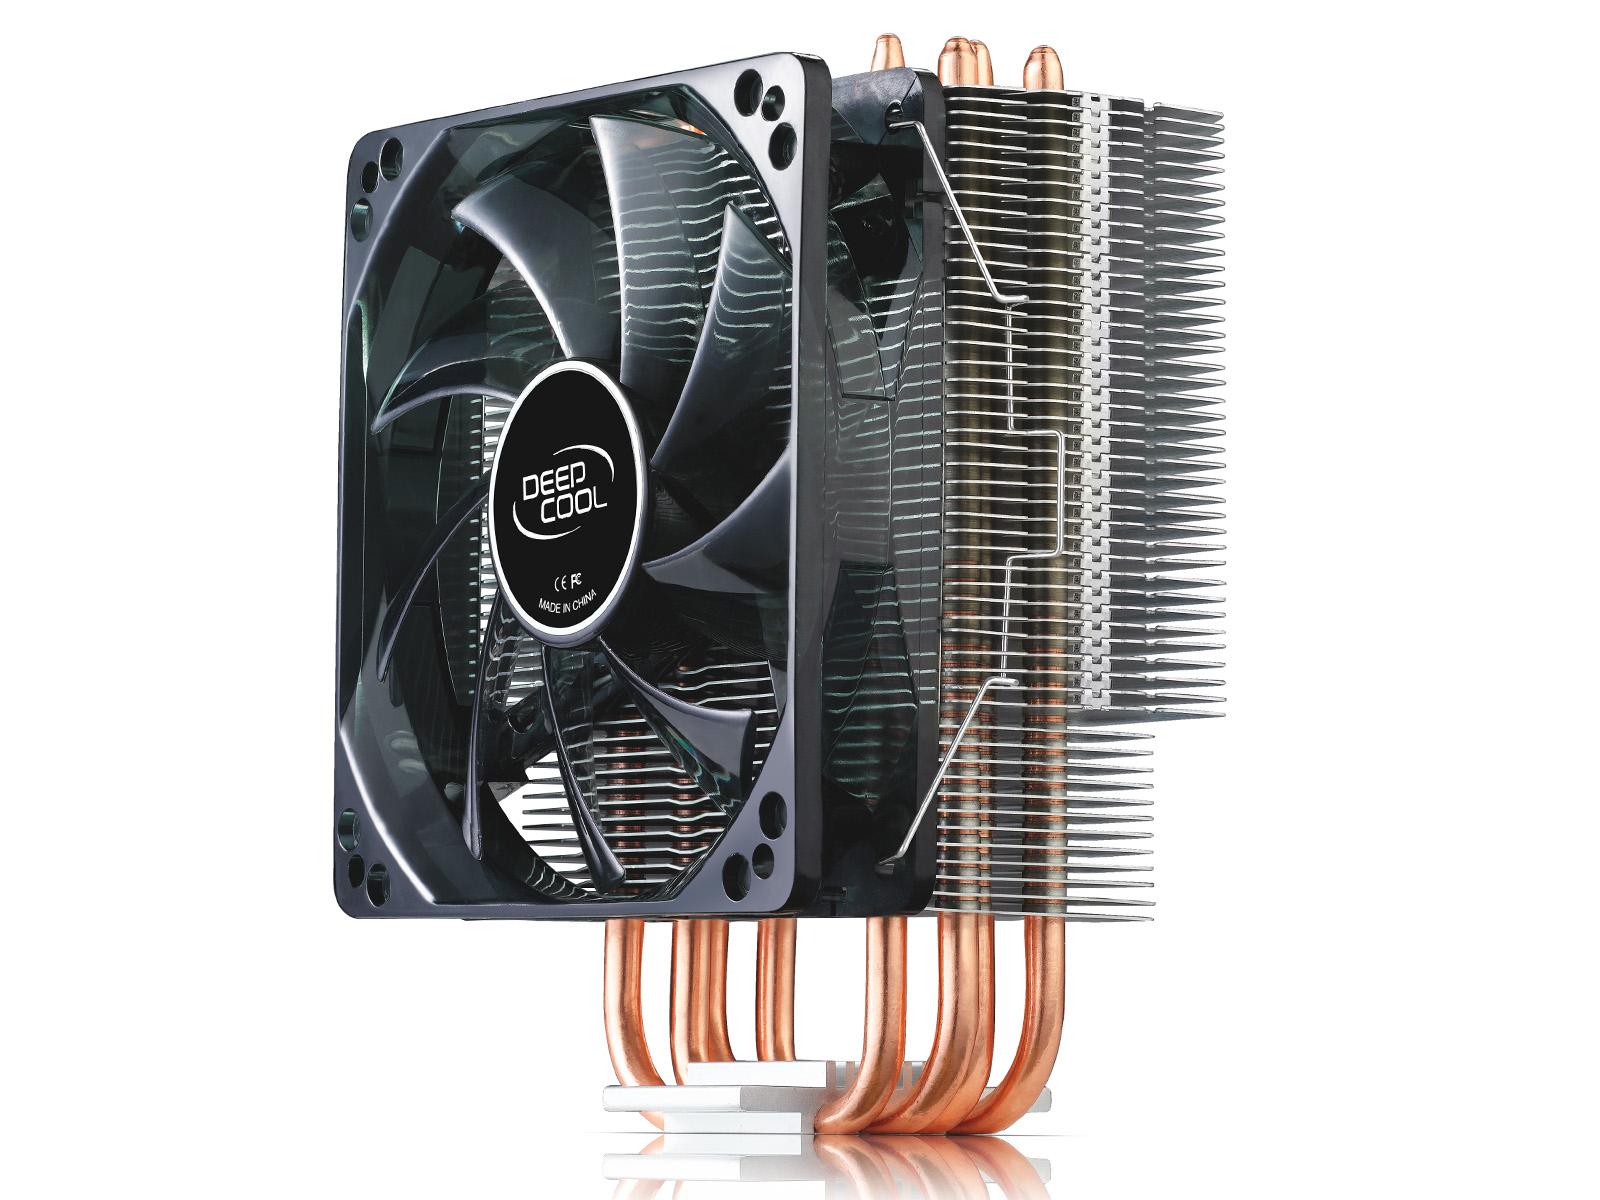 九州风神玄冰400 四热管CPU散热器 115X AMD 全平台静音风扇